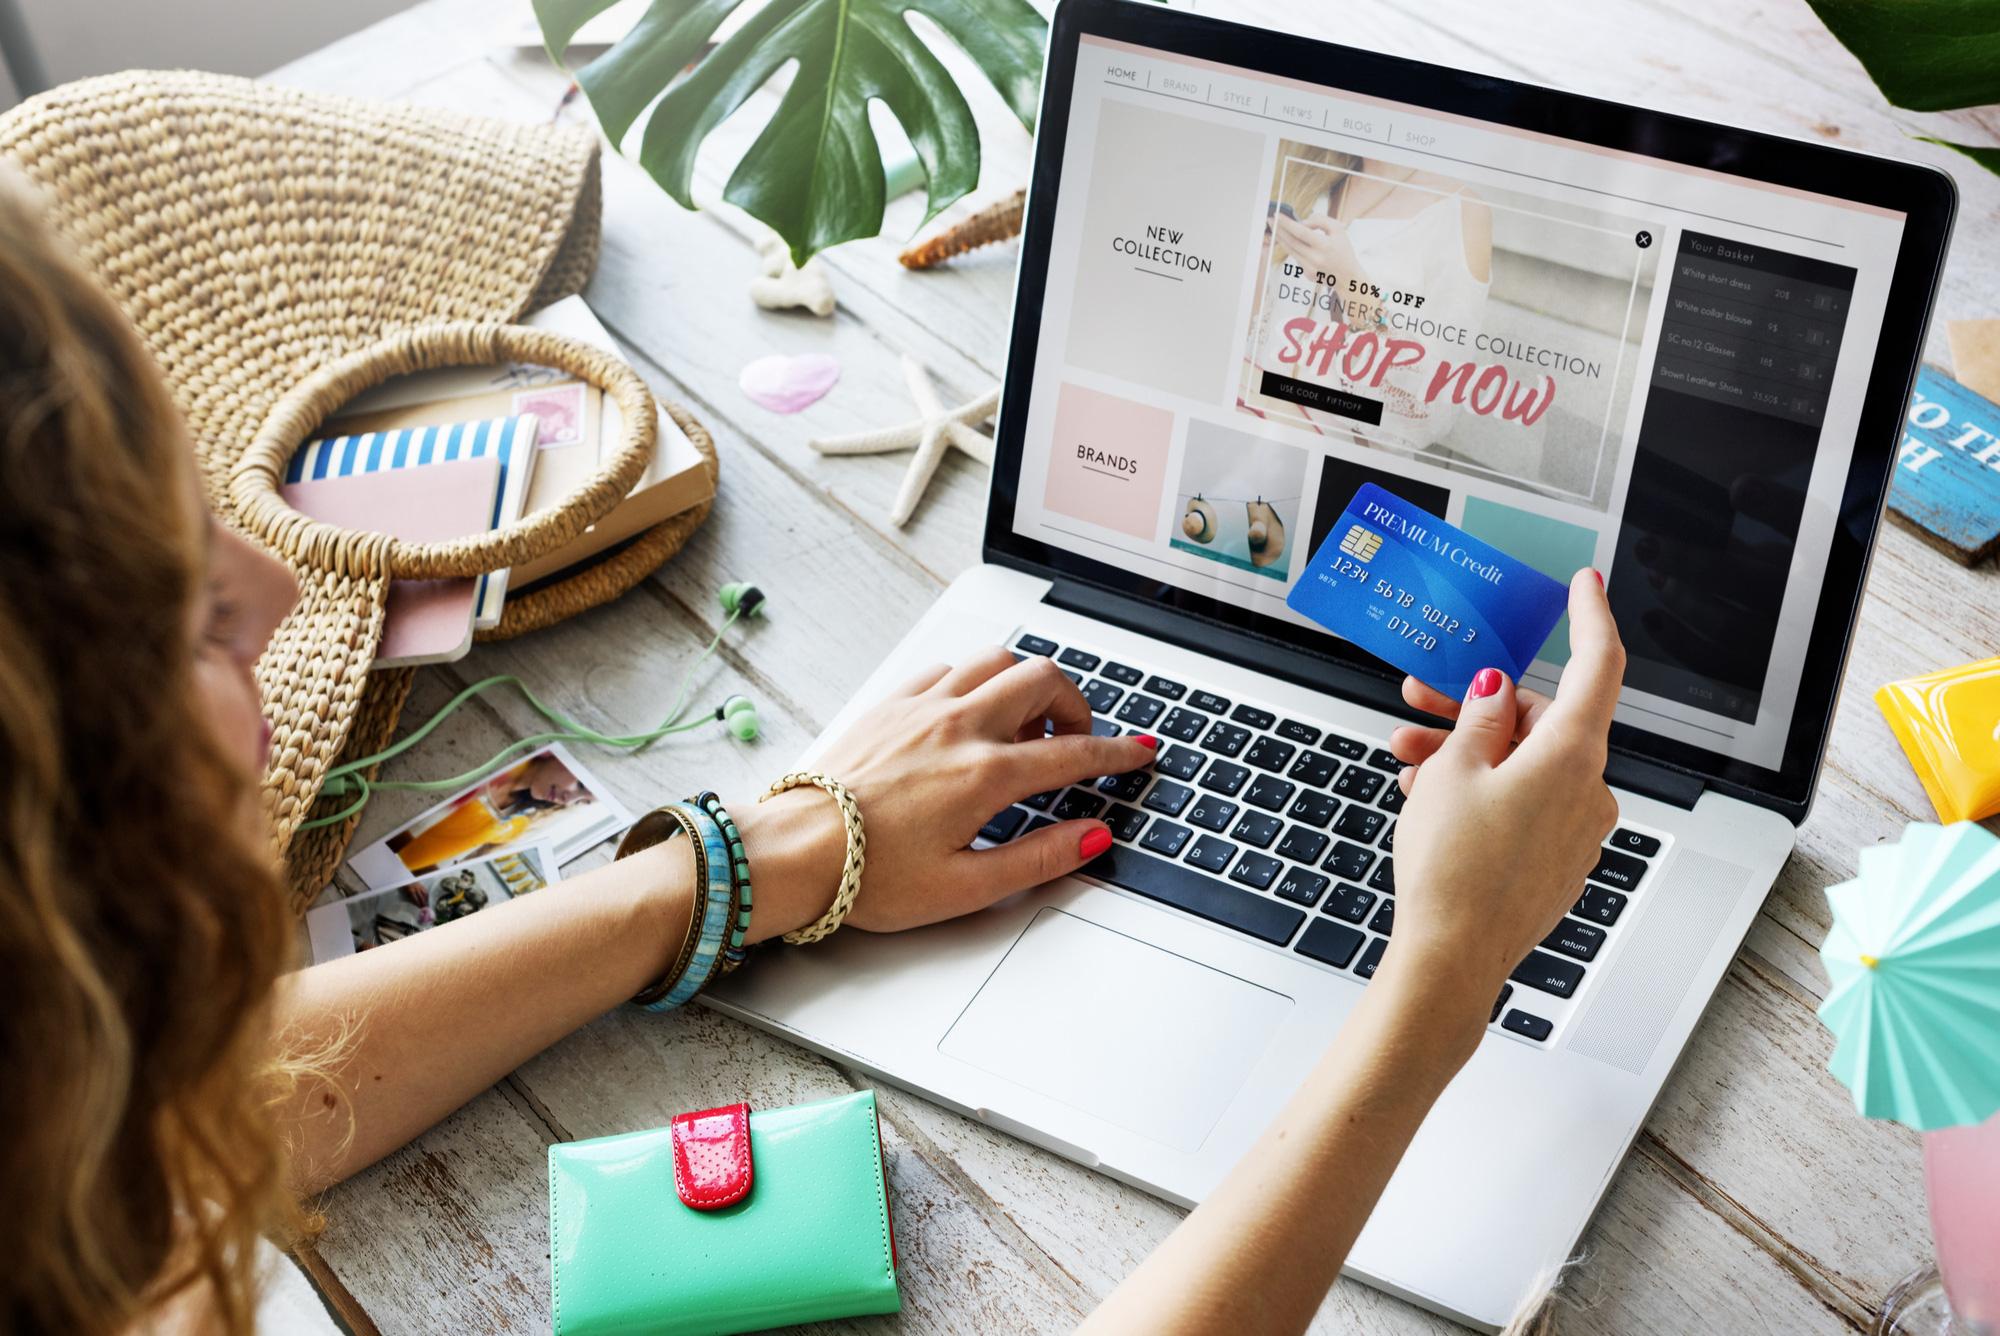 Trong thời điểm mua sắm online là chủ yếu, bạn hãy tránh ngay 7 sai lầm này để khỏi bị mất tiền oan - Ảnh 1.